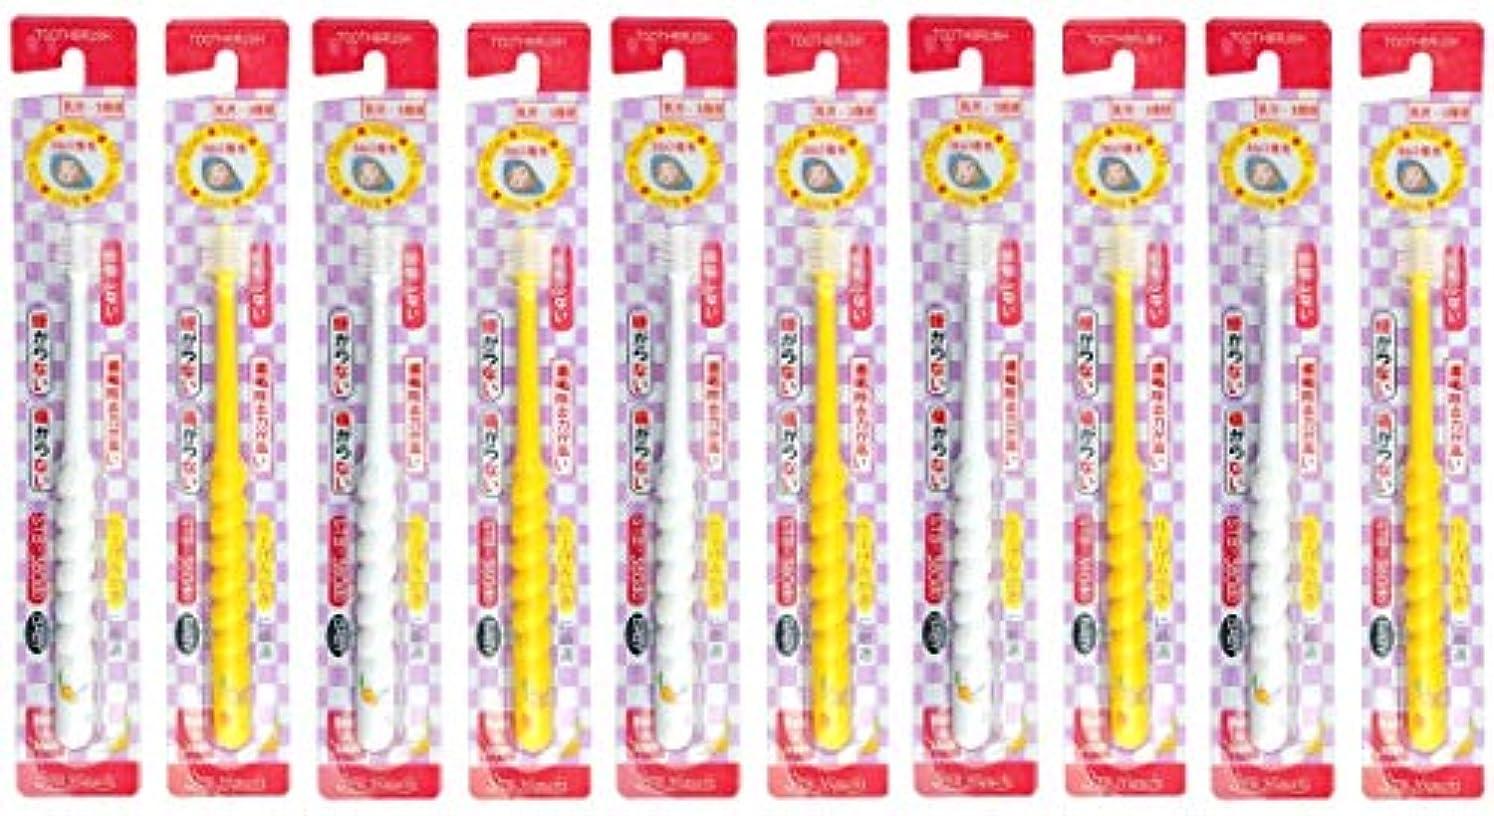 ひらめき気性冊子360度歯ブラシ STB-360do ベビー 10本セット(カラーはおまかせ)